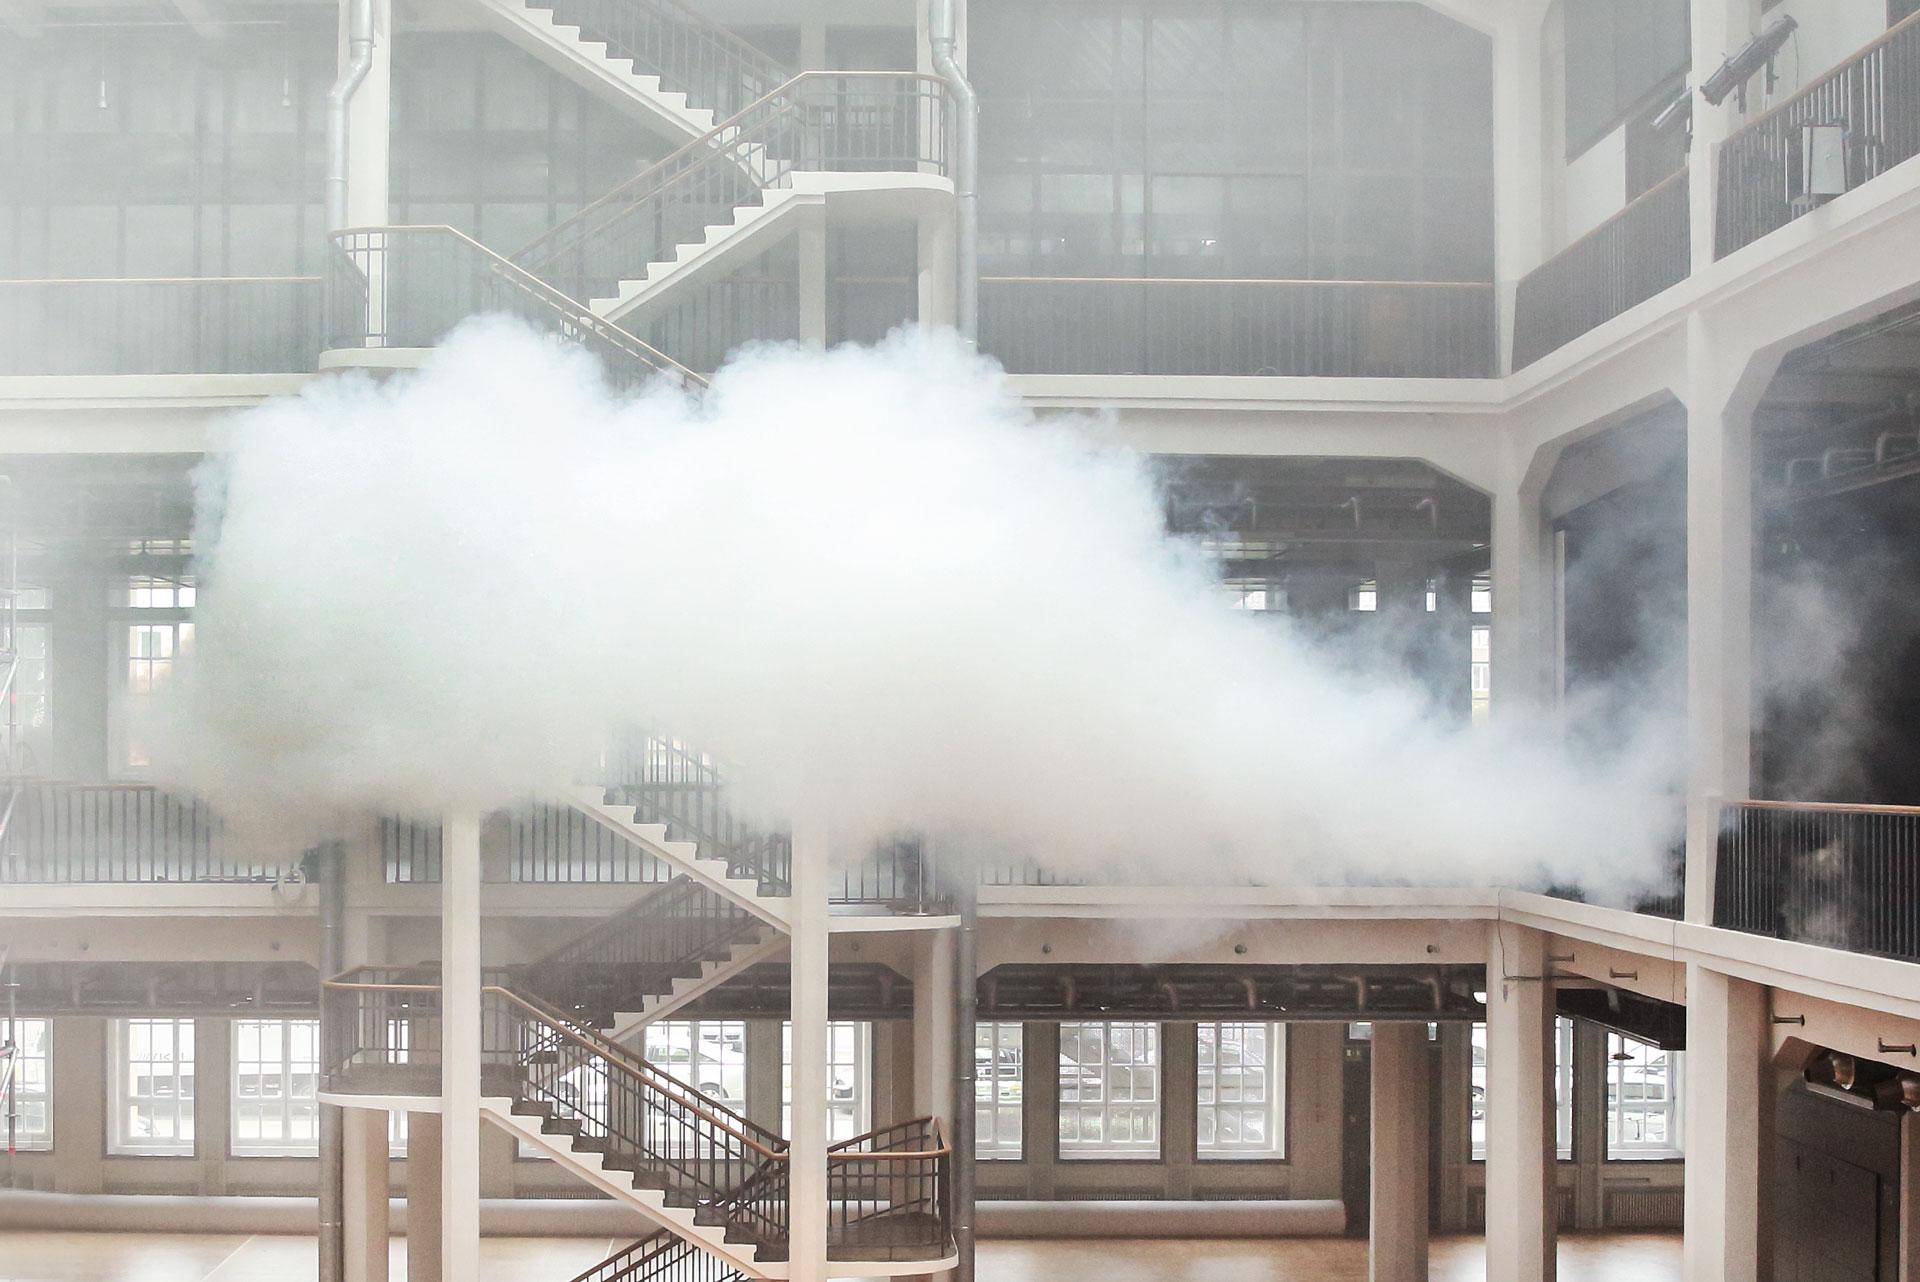 Cloudscapes ZKM | Transsolar + Tetsuo Kondo